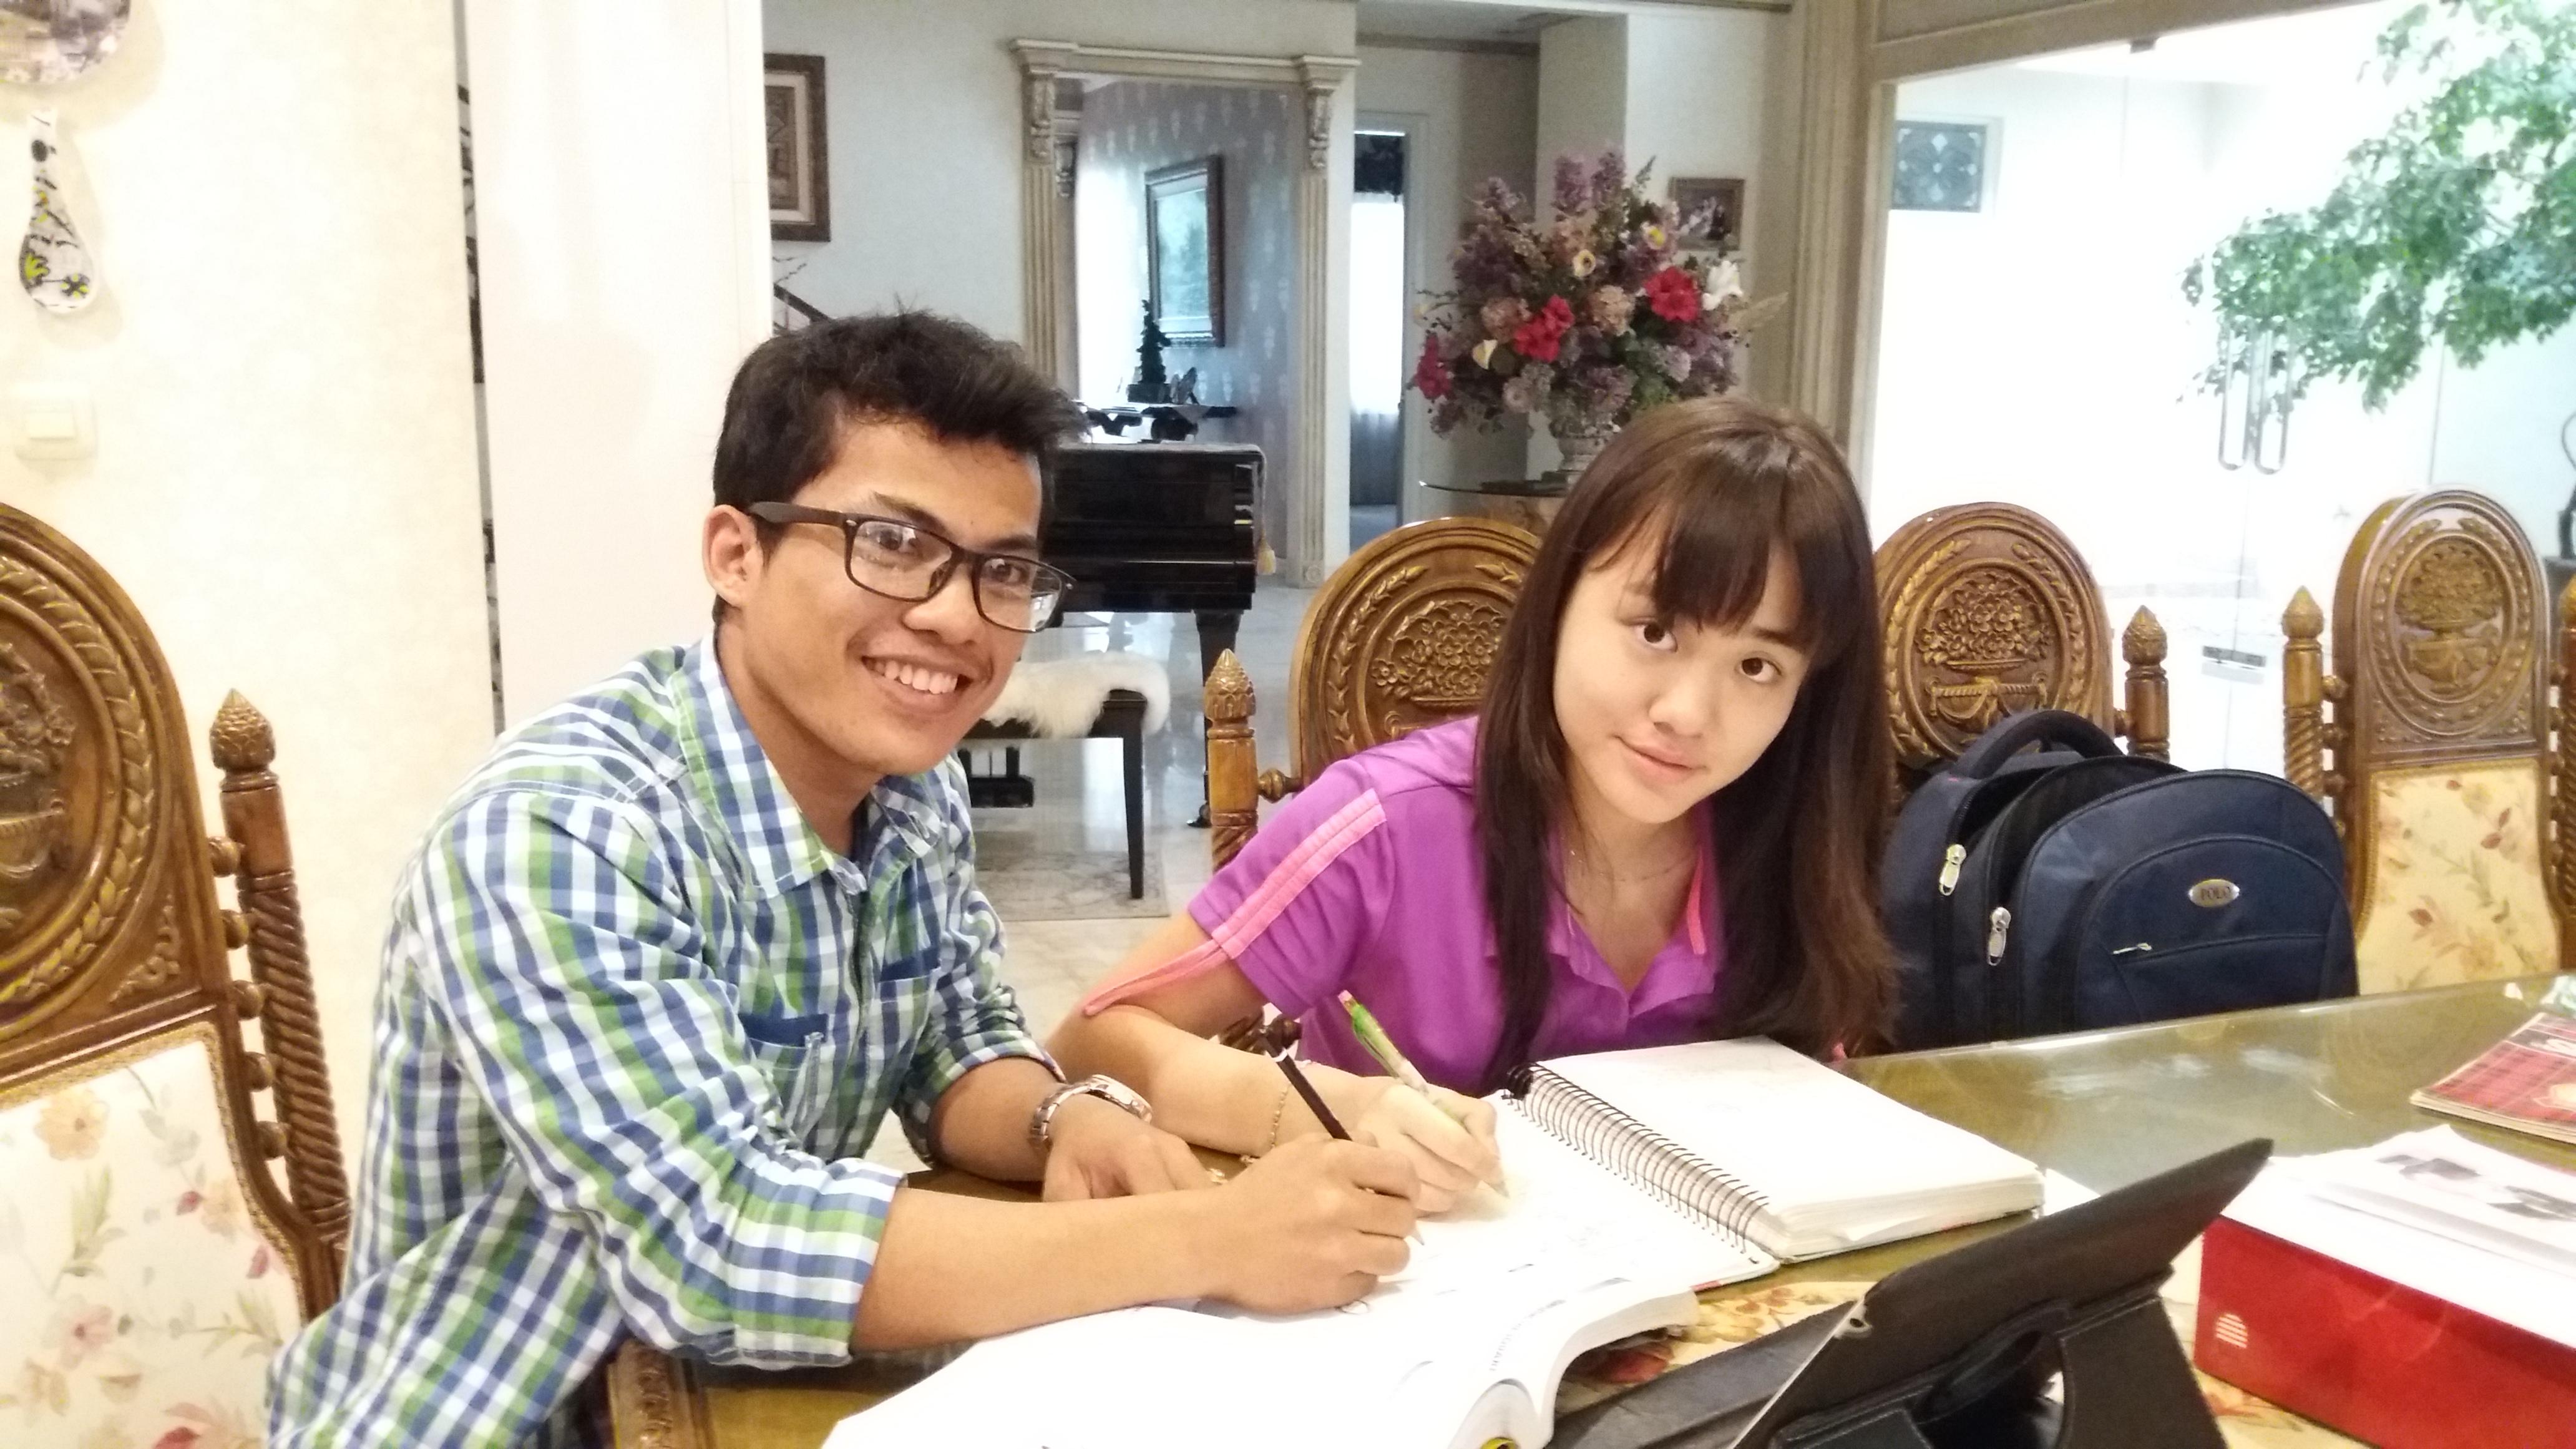 Les Privat di Selokan Mataram Datang Kerumah Yuuuk segera daftarkan diri kalian ke Bimbel Gama Cendekia Learnesia sekarang juga :)